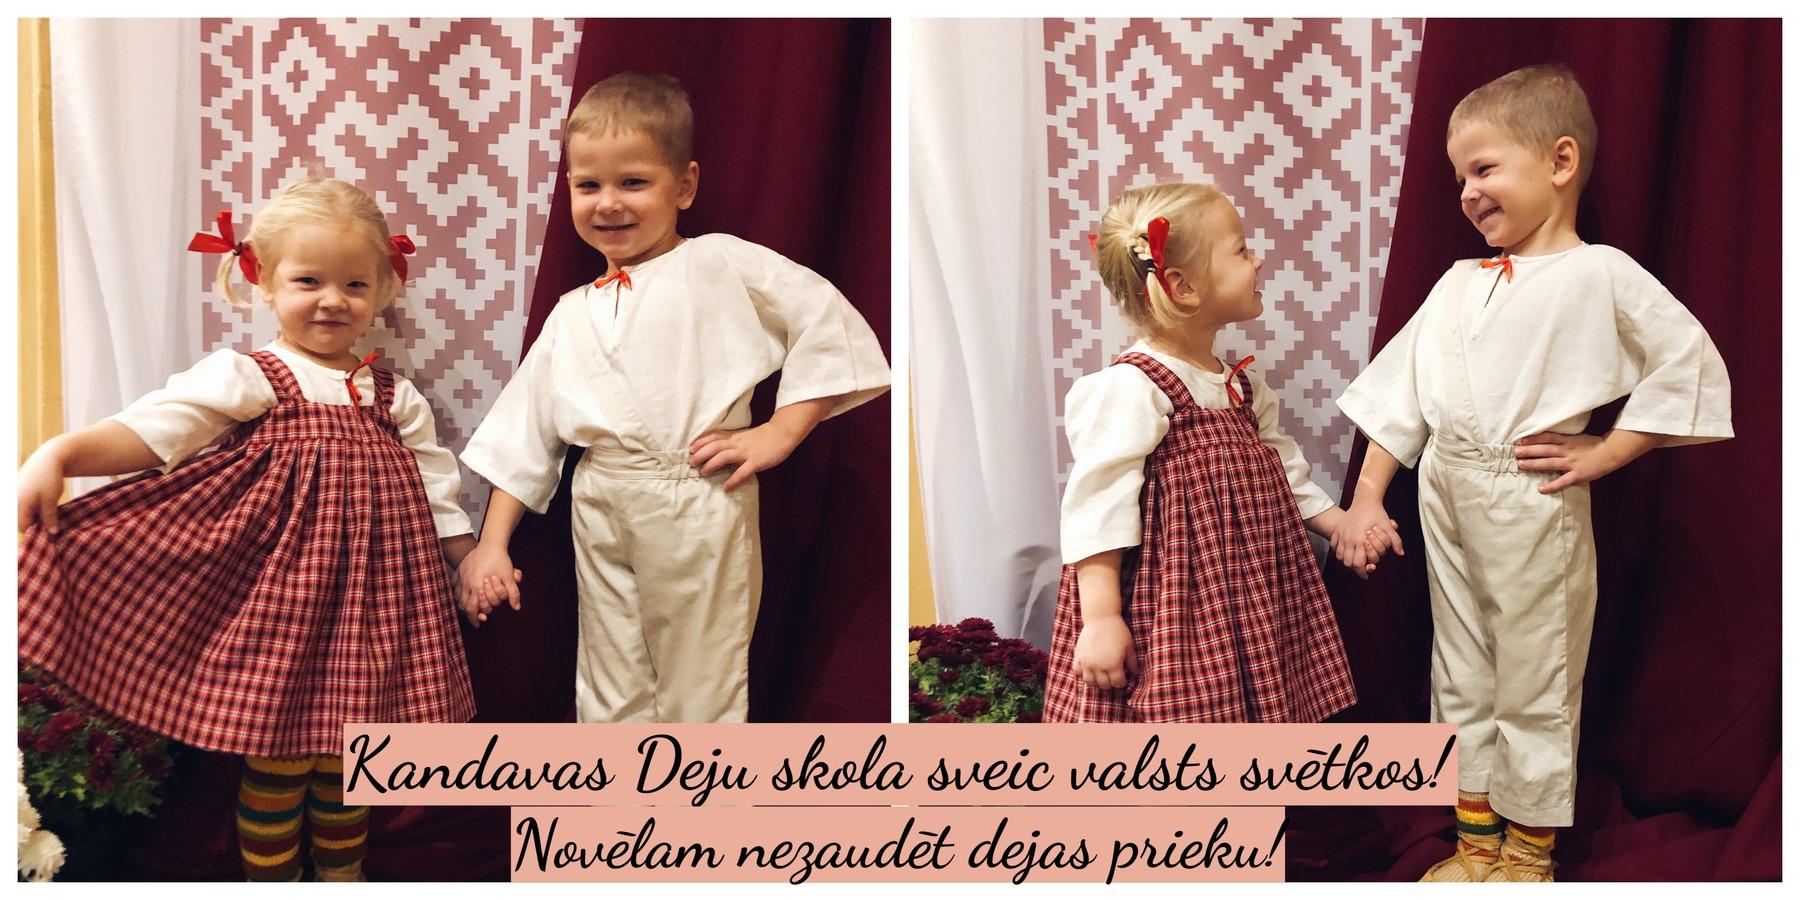 sveicam_sv.jpg